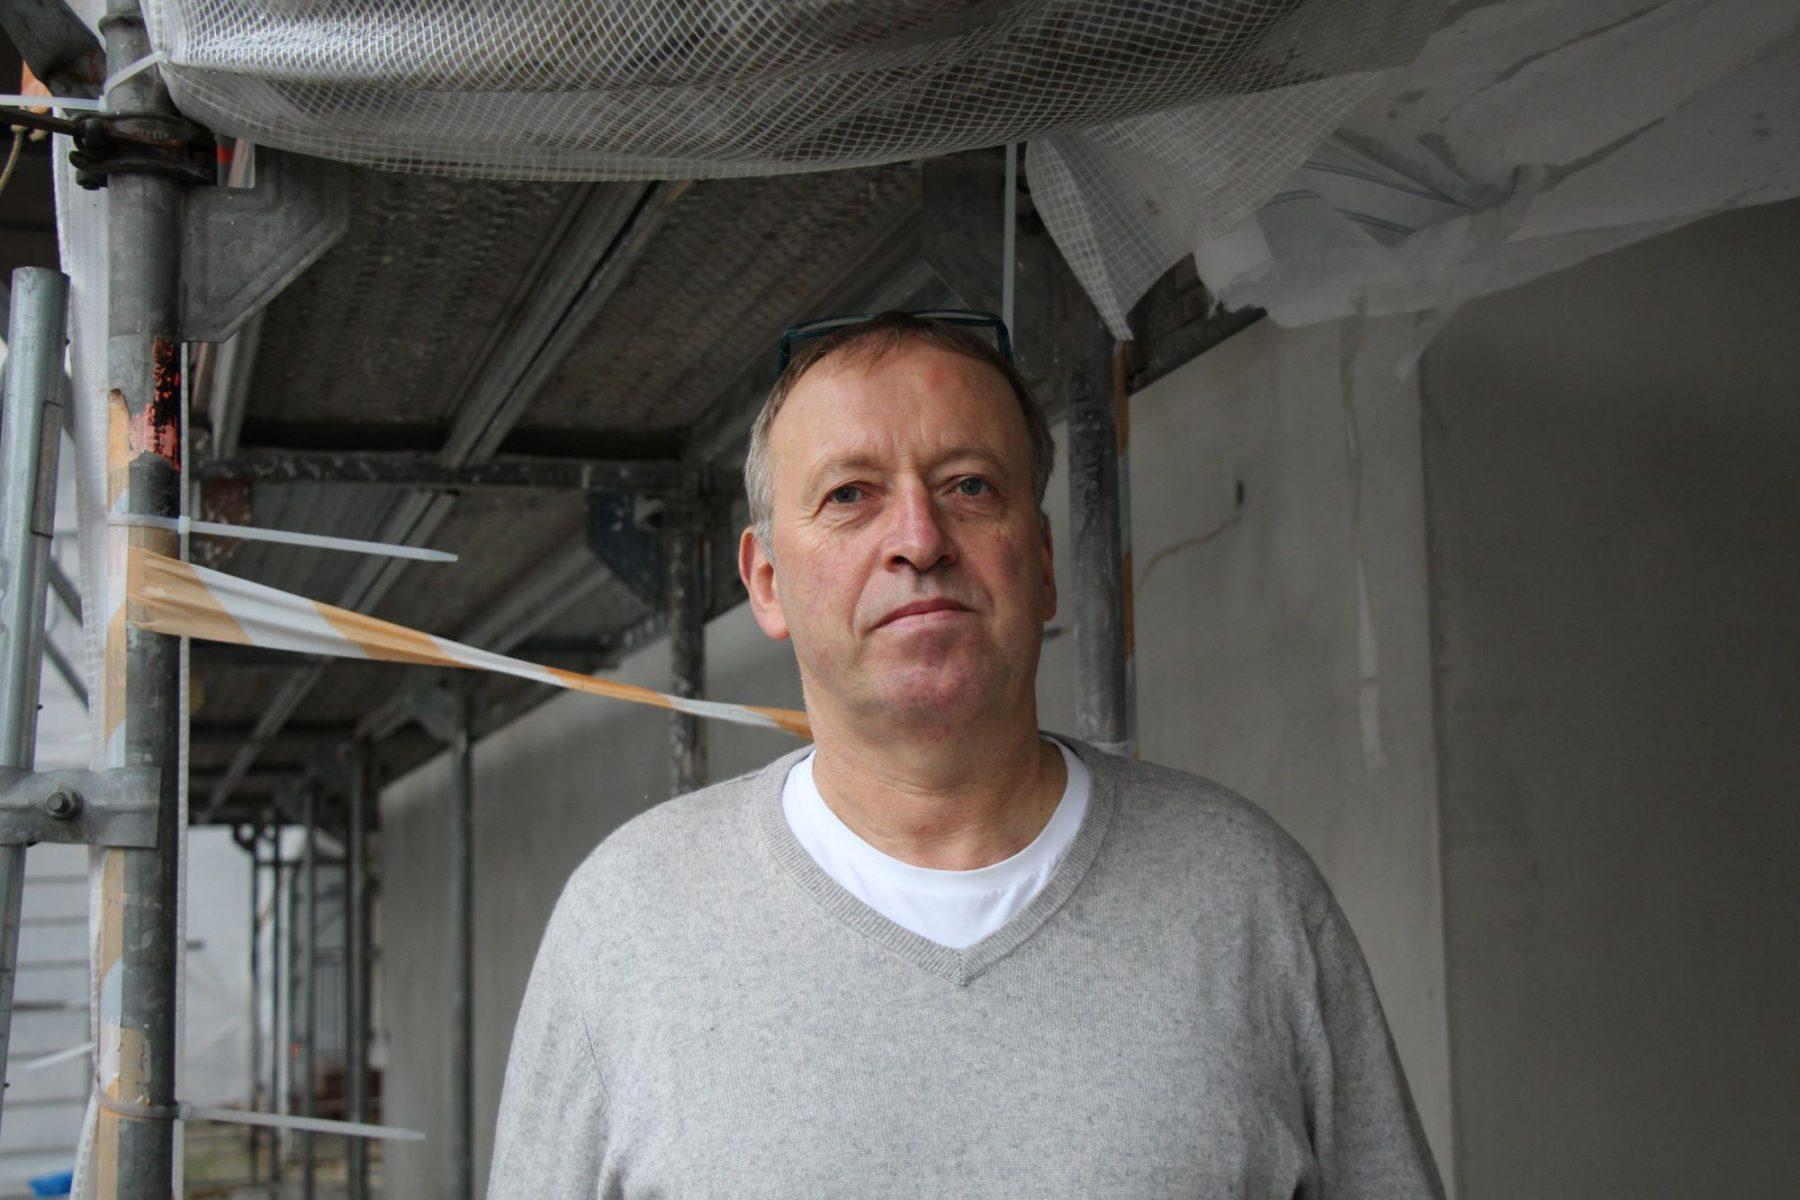 Geschäftsführer Christian Möhlenhof vor dem eingerüsteten Maybach.